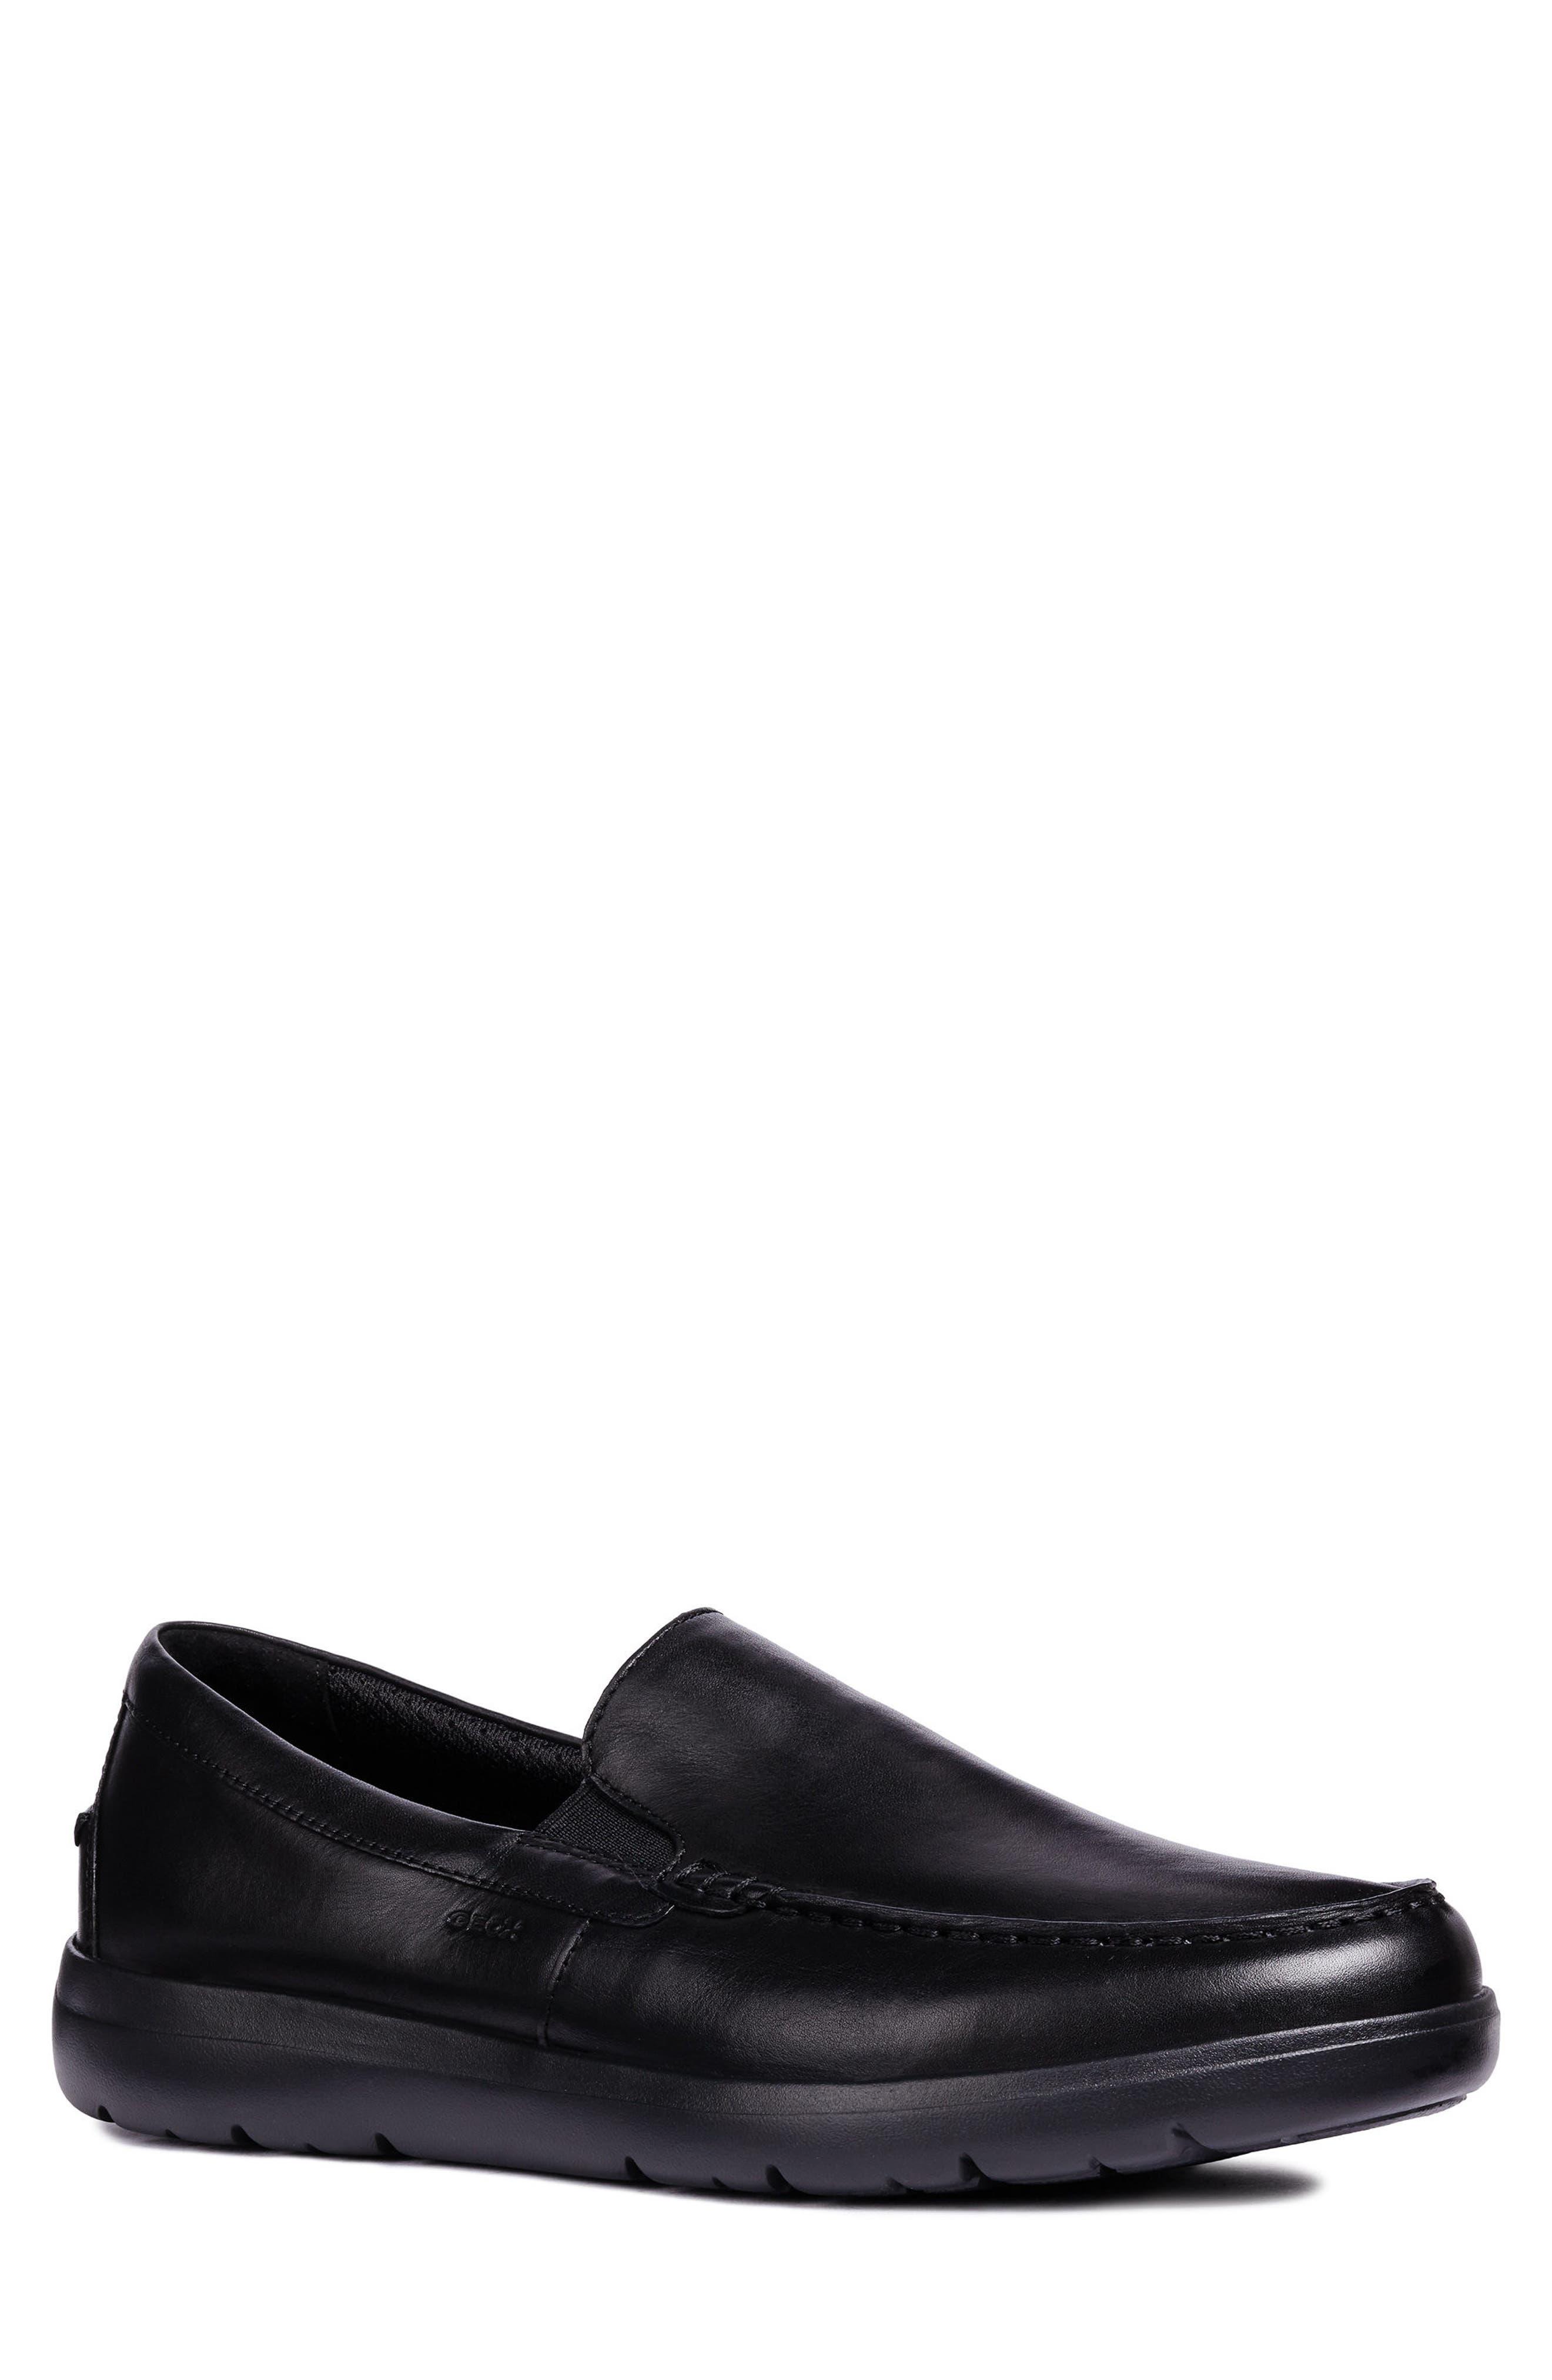 Leitan 6 Moc Toe Slip-On,                             Main thumbnail 1, color,                             BLACK LEATHER